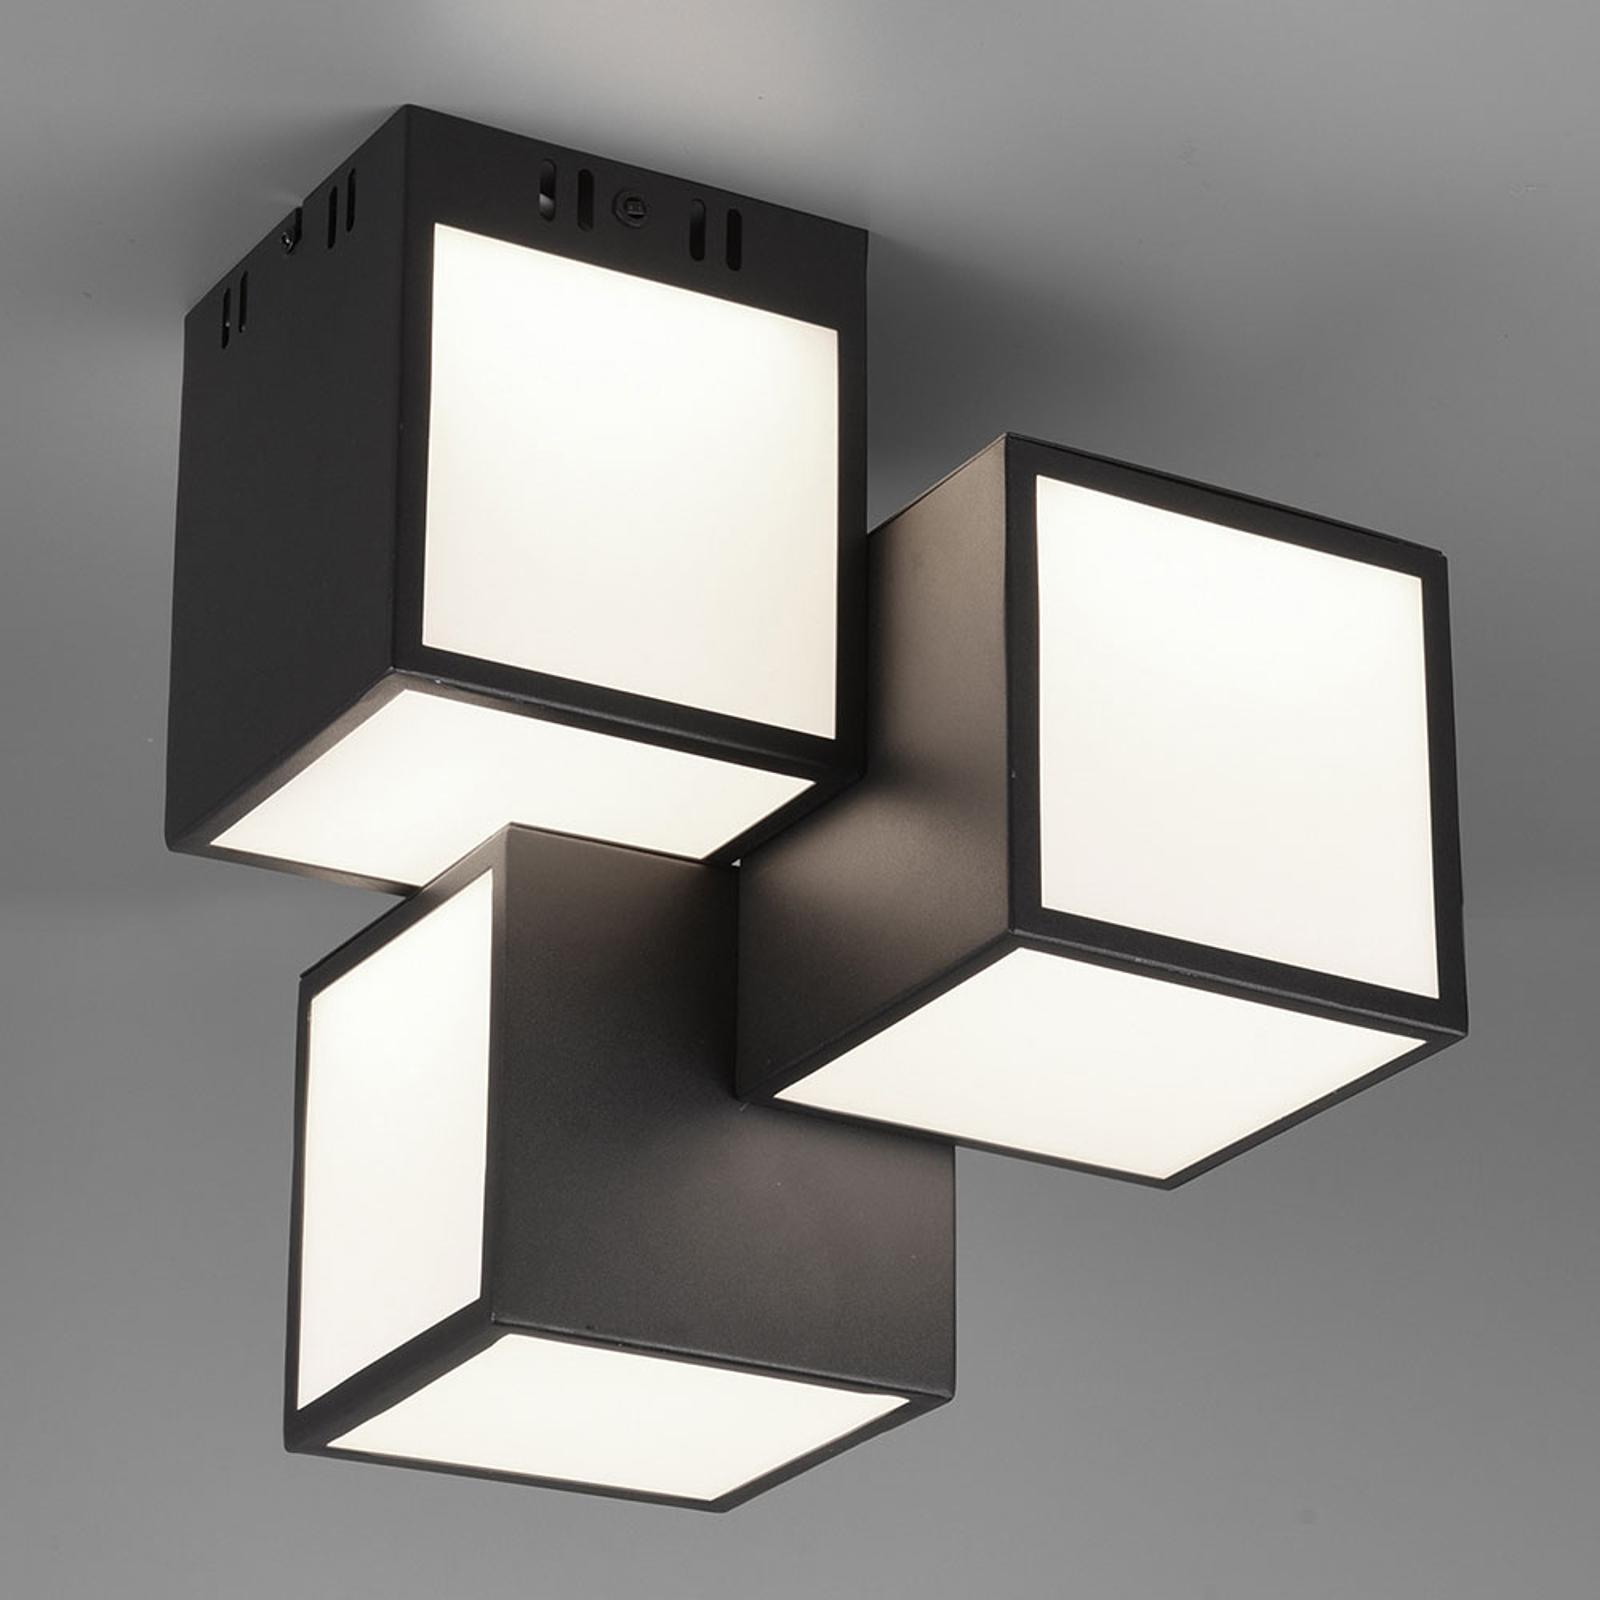 Trio WiZ Oscar lampa sufitowa LED 30x30cm, czarna